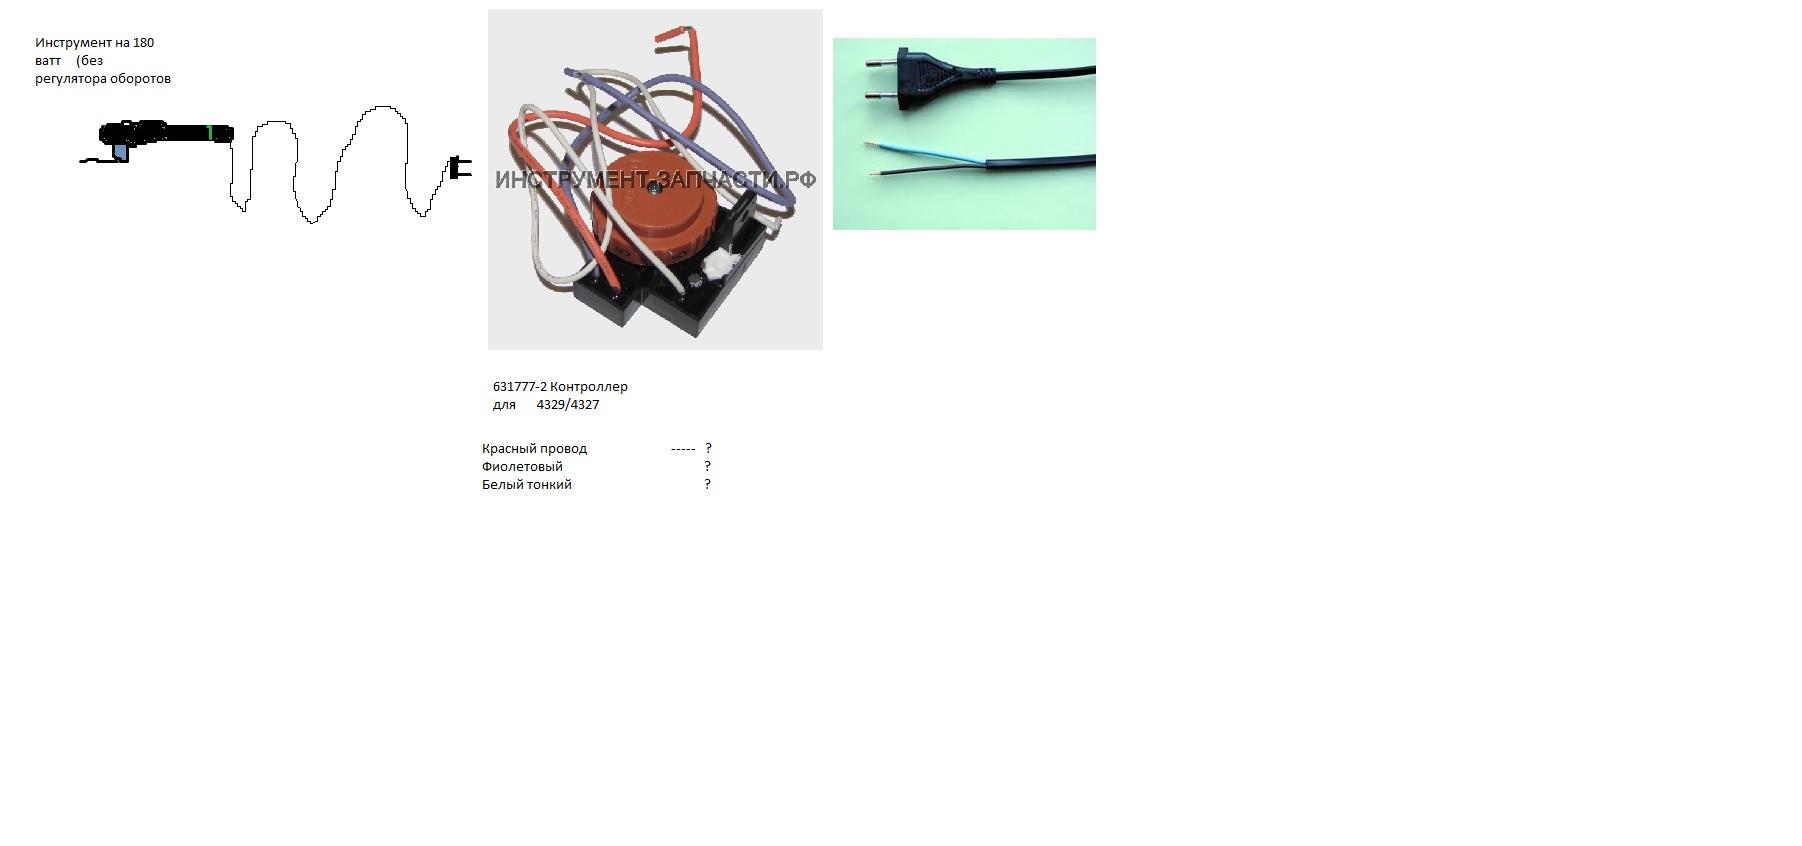 Схема регулятора оборотов электроинструмента на5